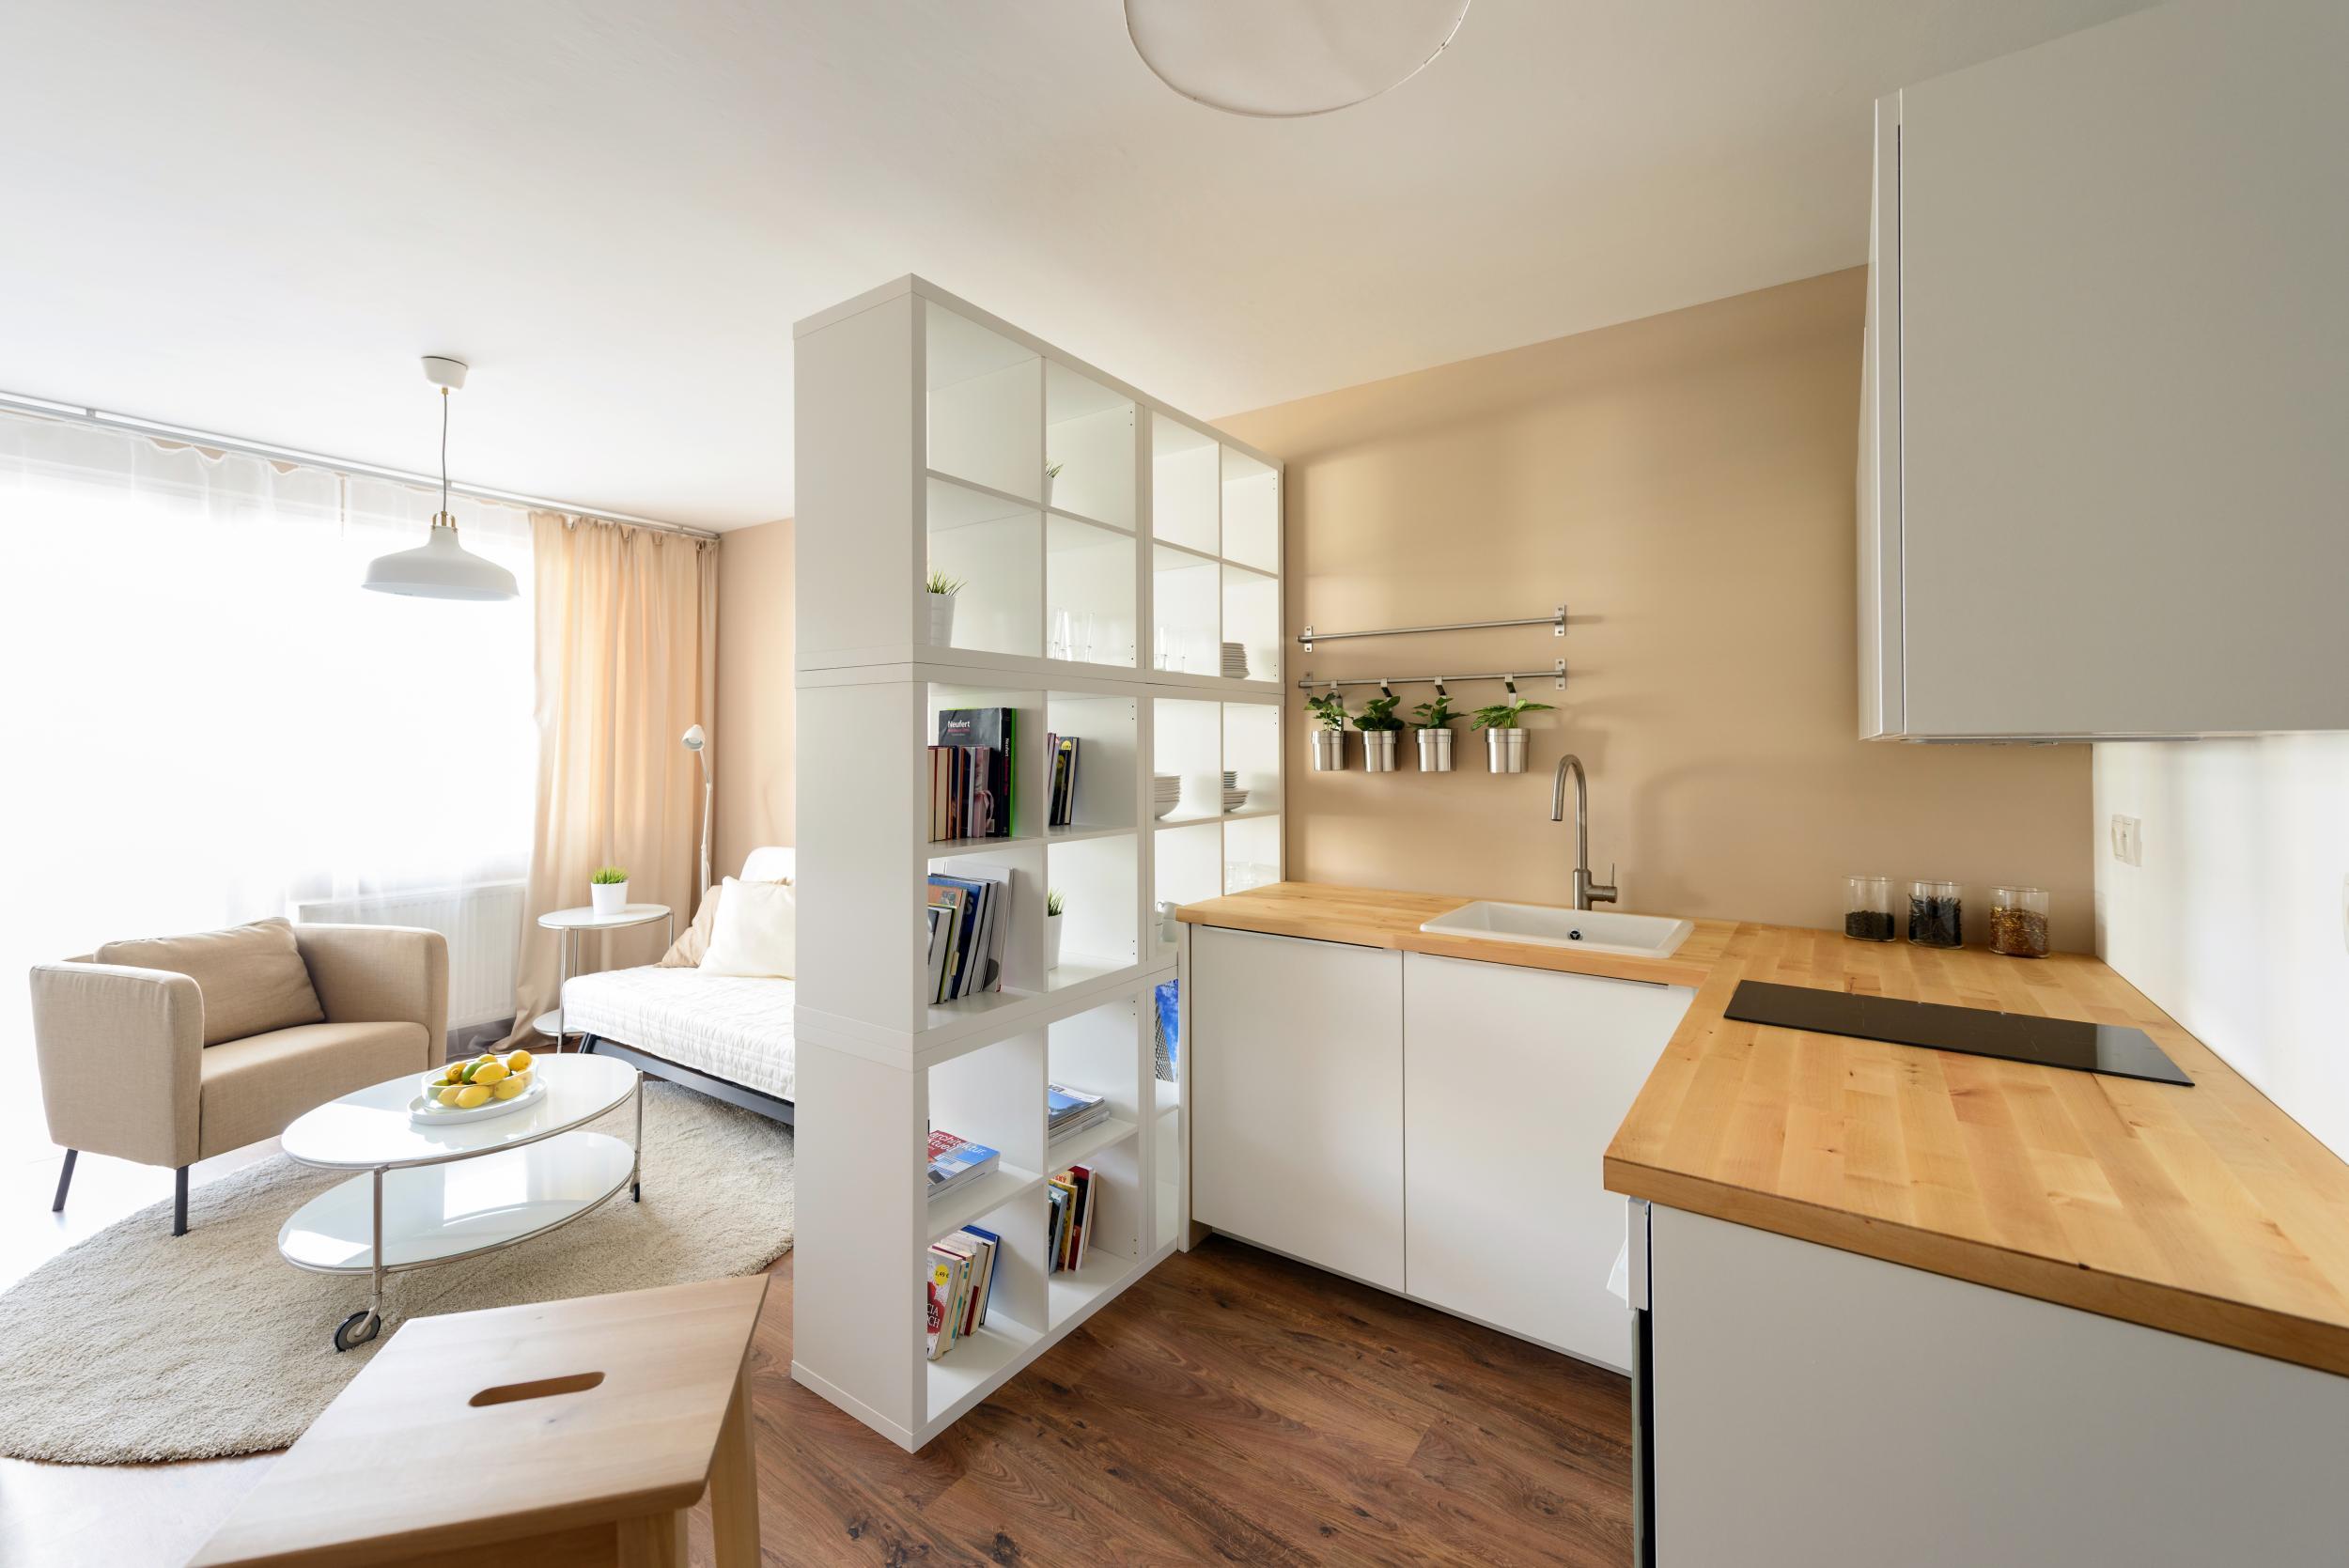 ikea interior des ein zimmer wohnung bratislava slowakei rules architekten. Black Bedroom Furniture Sets. Home Design Ideas